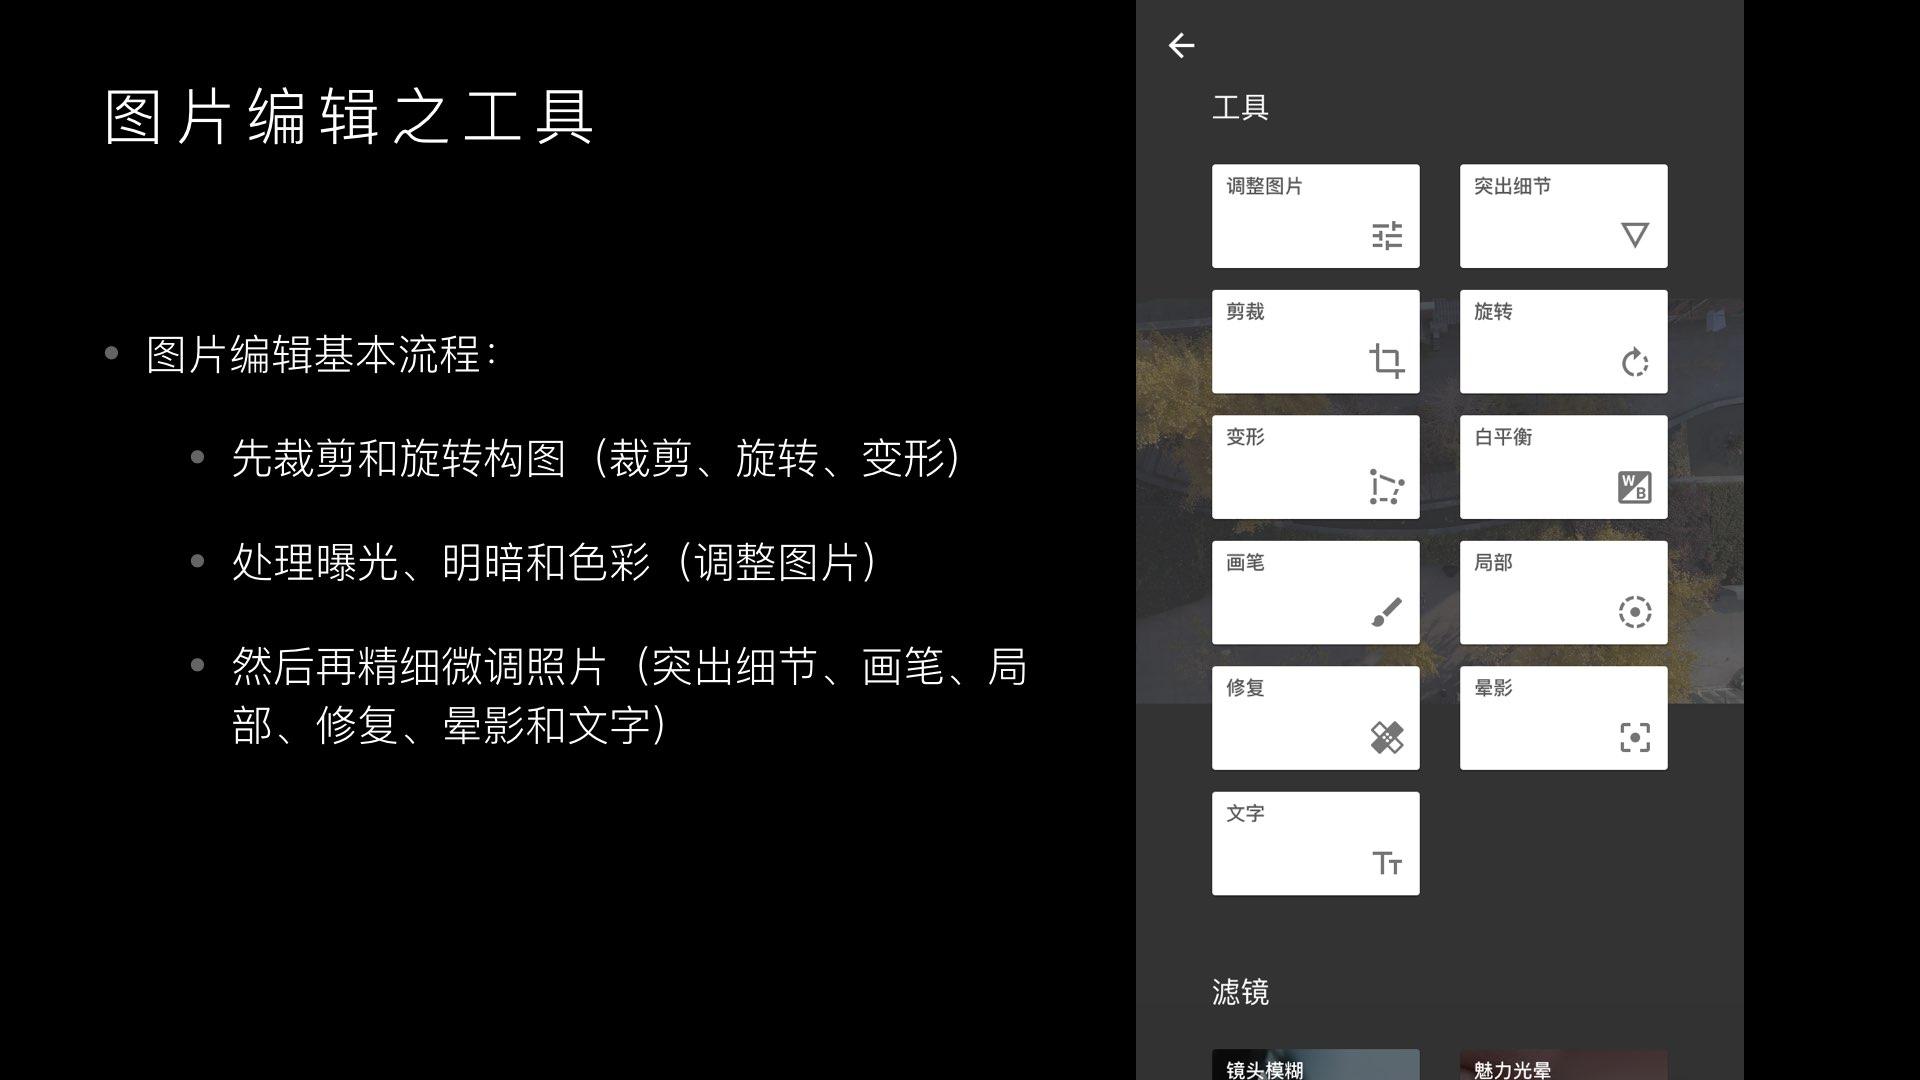 化腐朽为神奇,Snapseed图片编辑教程.007.jpeg